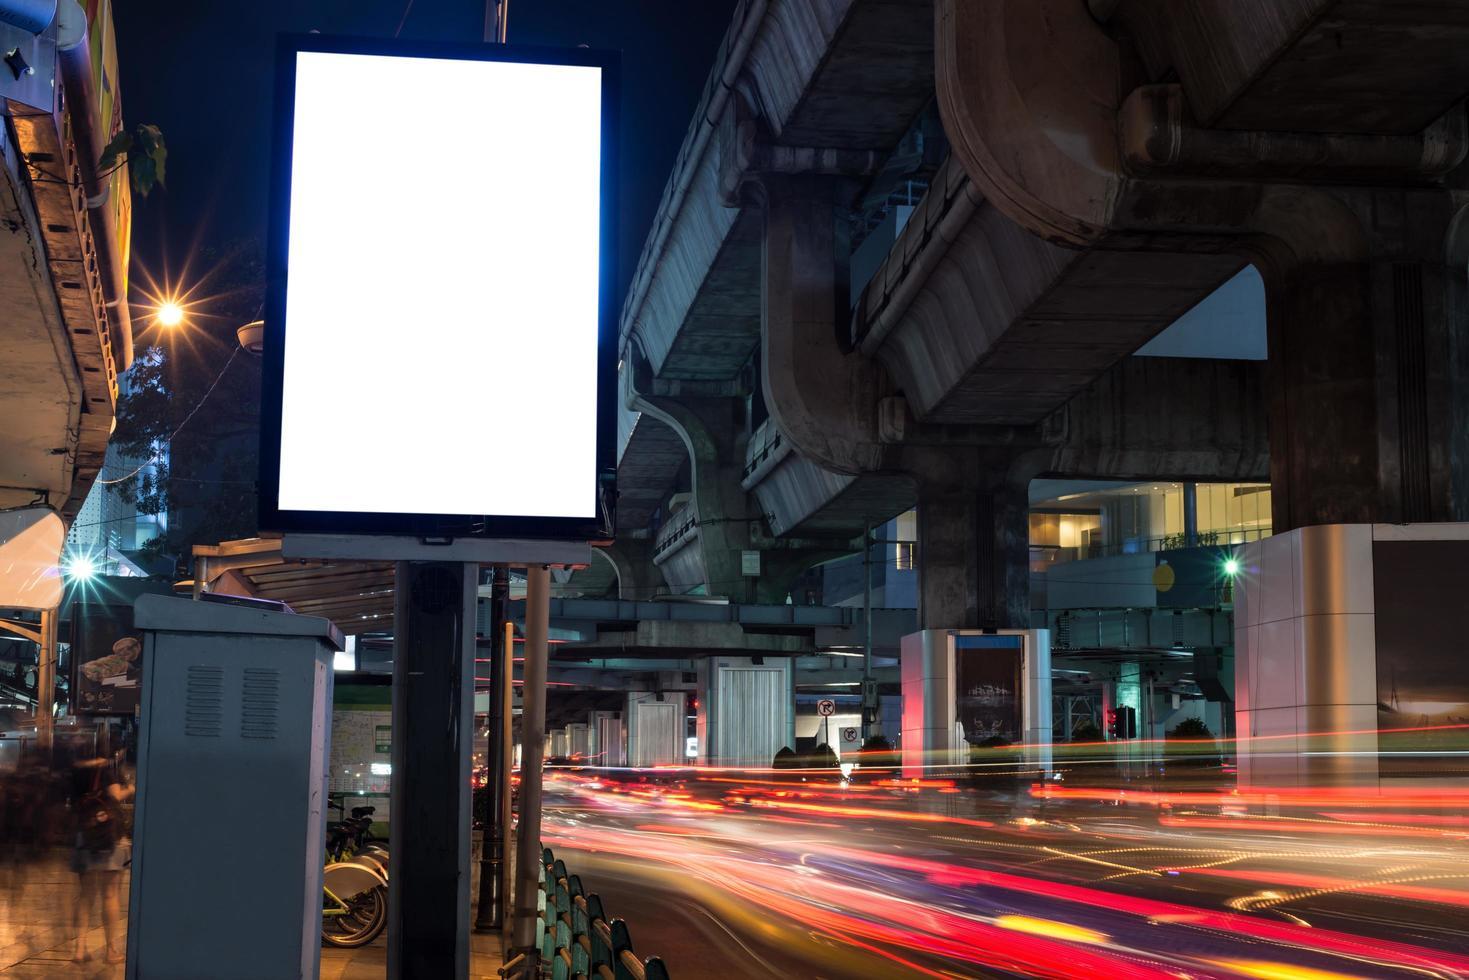 leere Plakatwand mit Kopierraum neben Straße bei Nacht foto